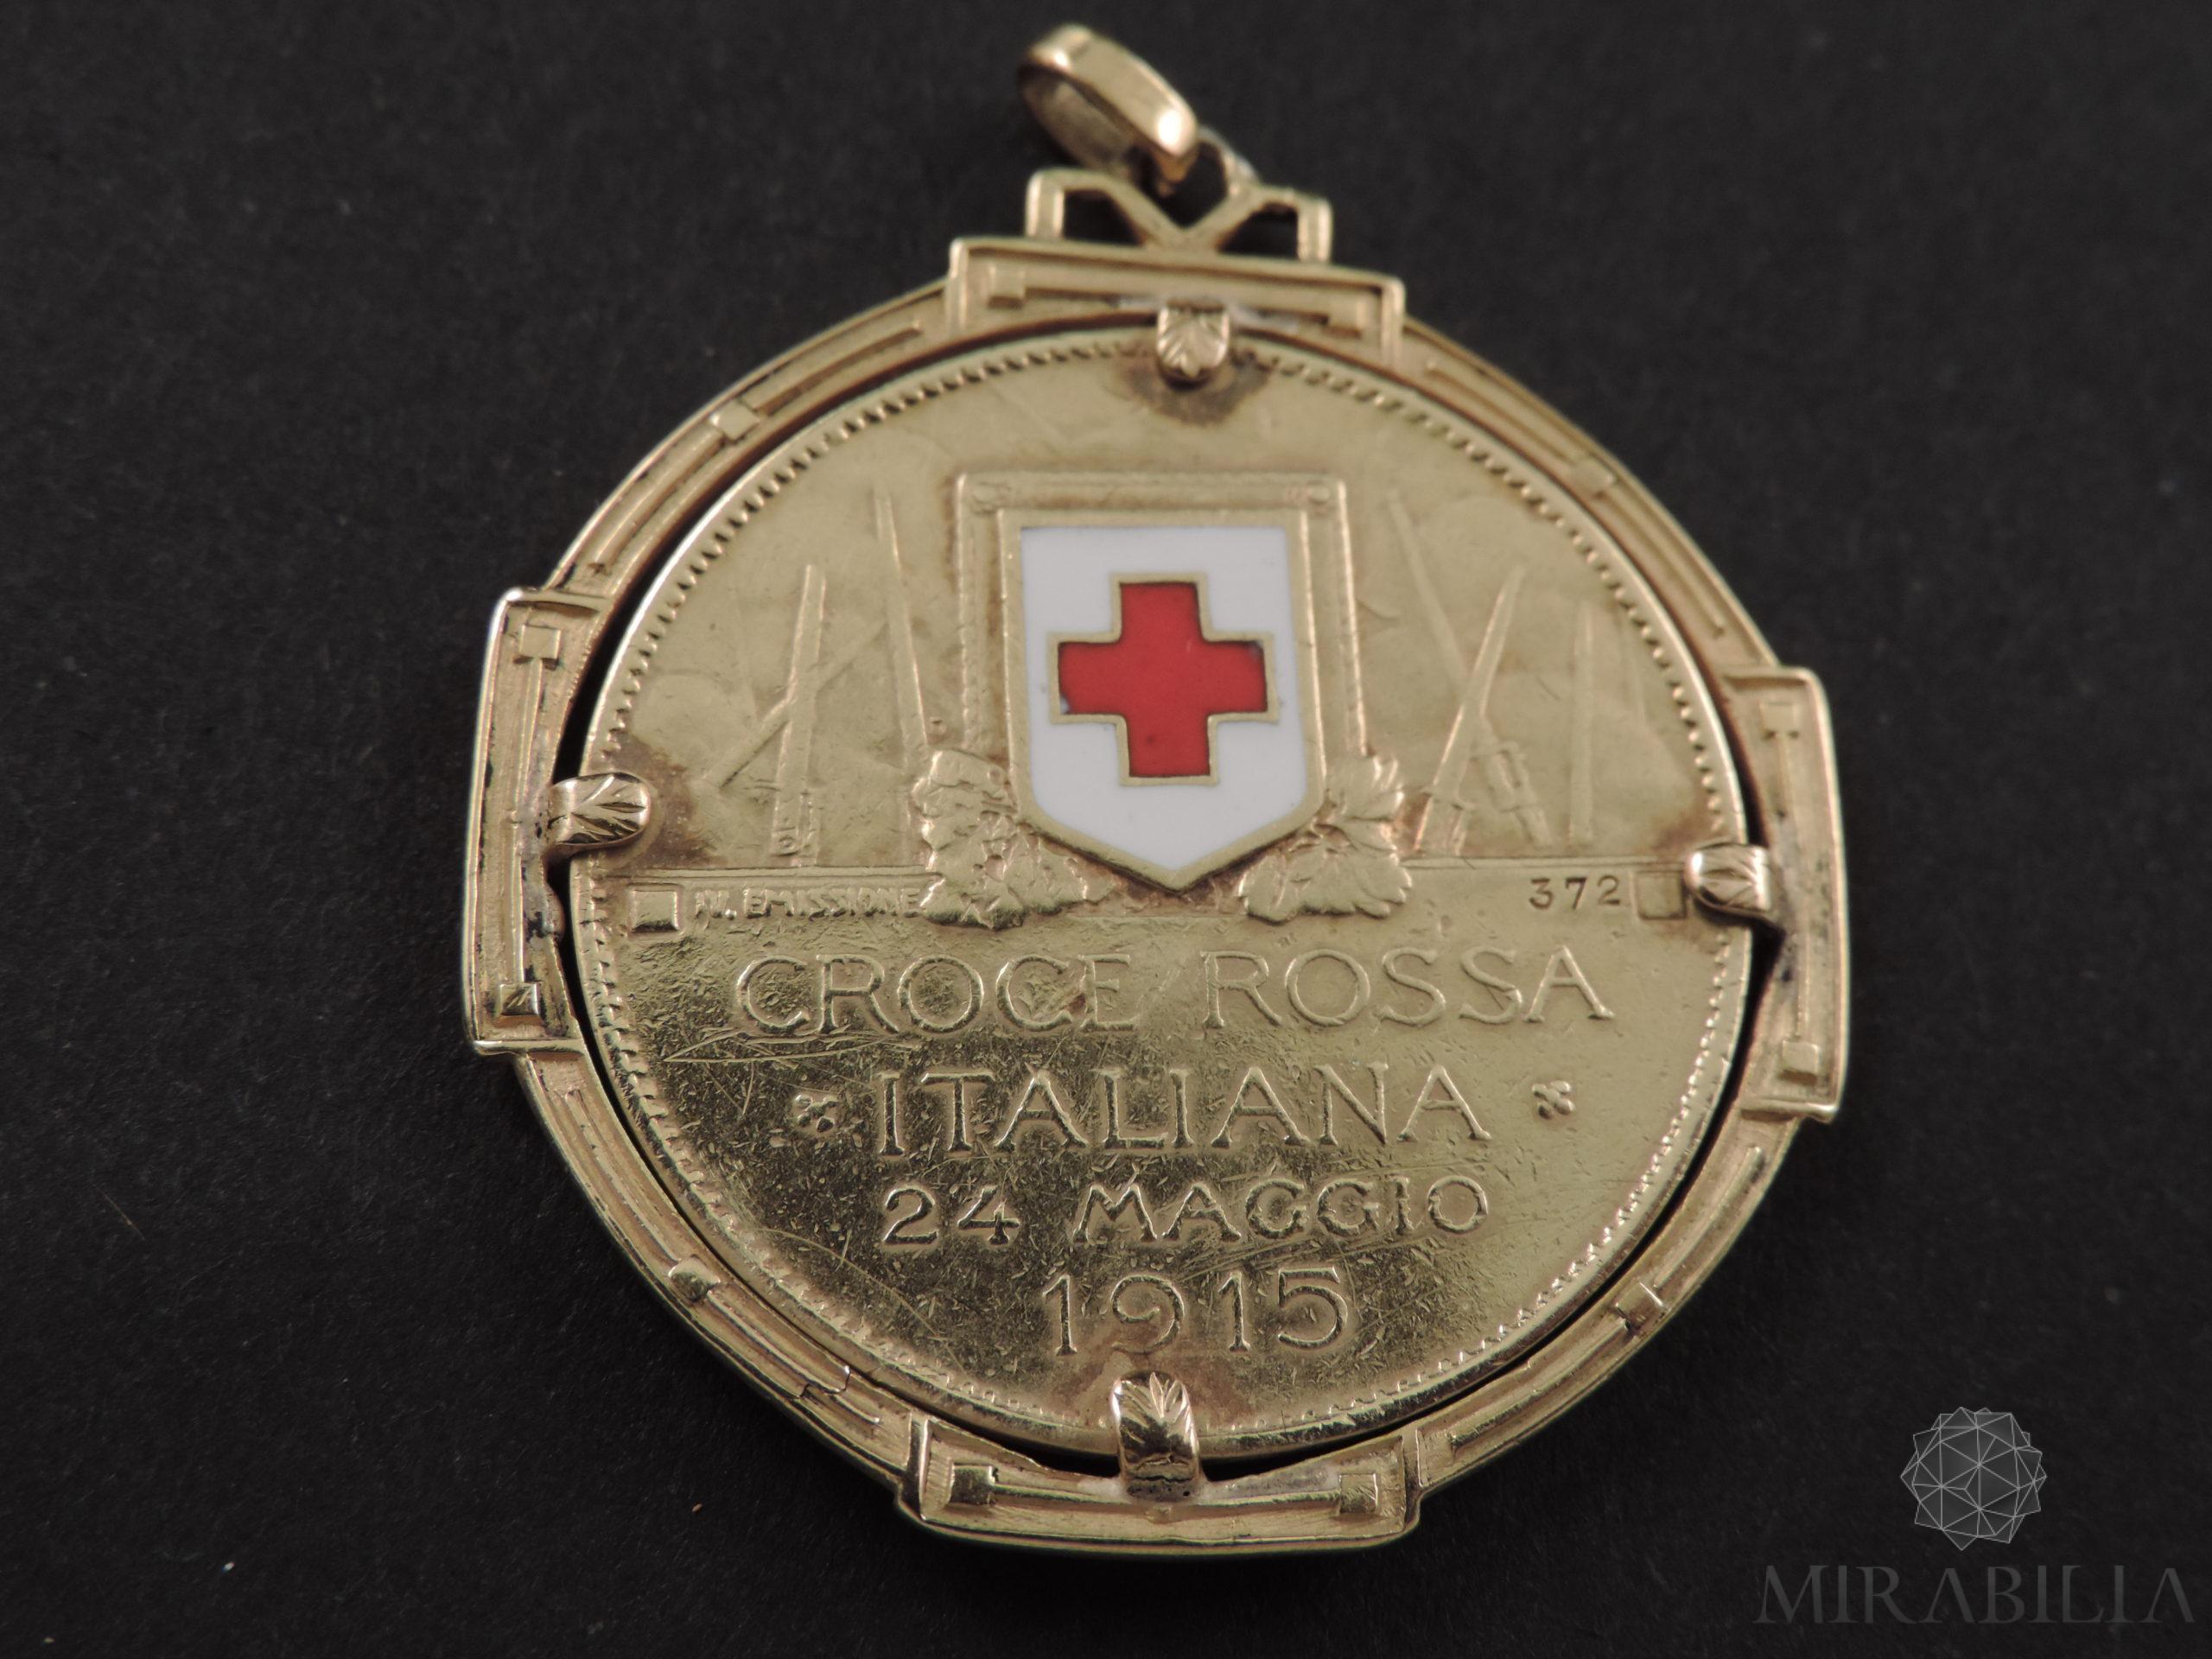 Rara medaglia, in oro giallo 22 carati (900) e smalti, coniata su iniziativa del Comitato di Propaganda della Croce Rossa di Milano 2